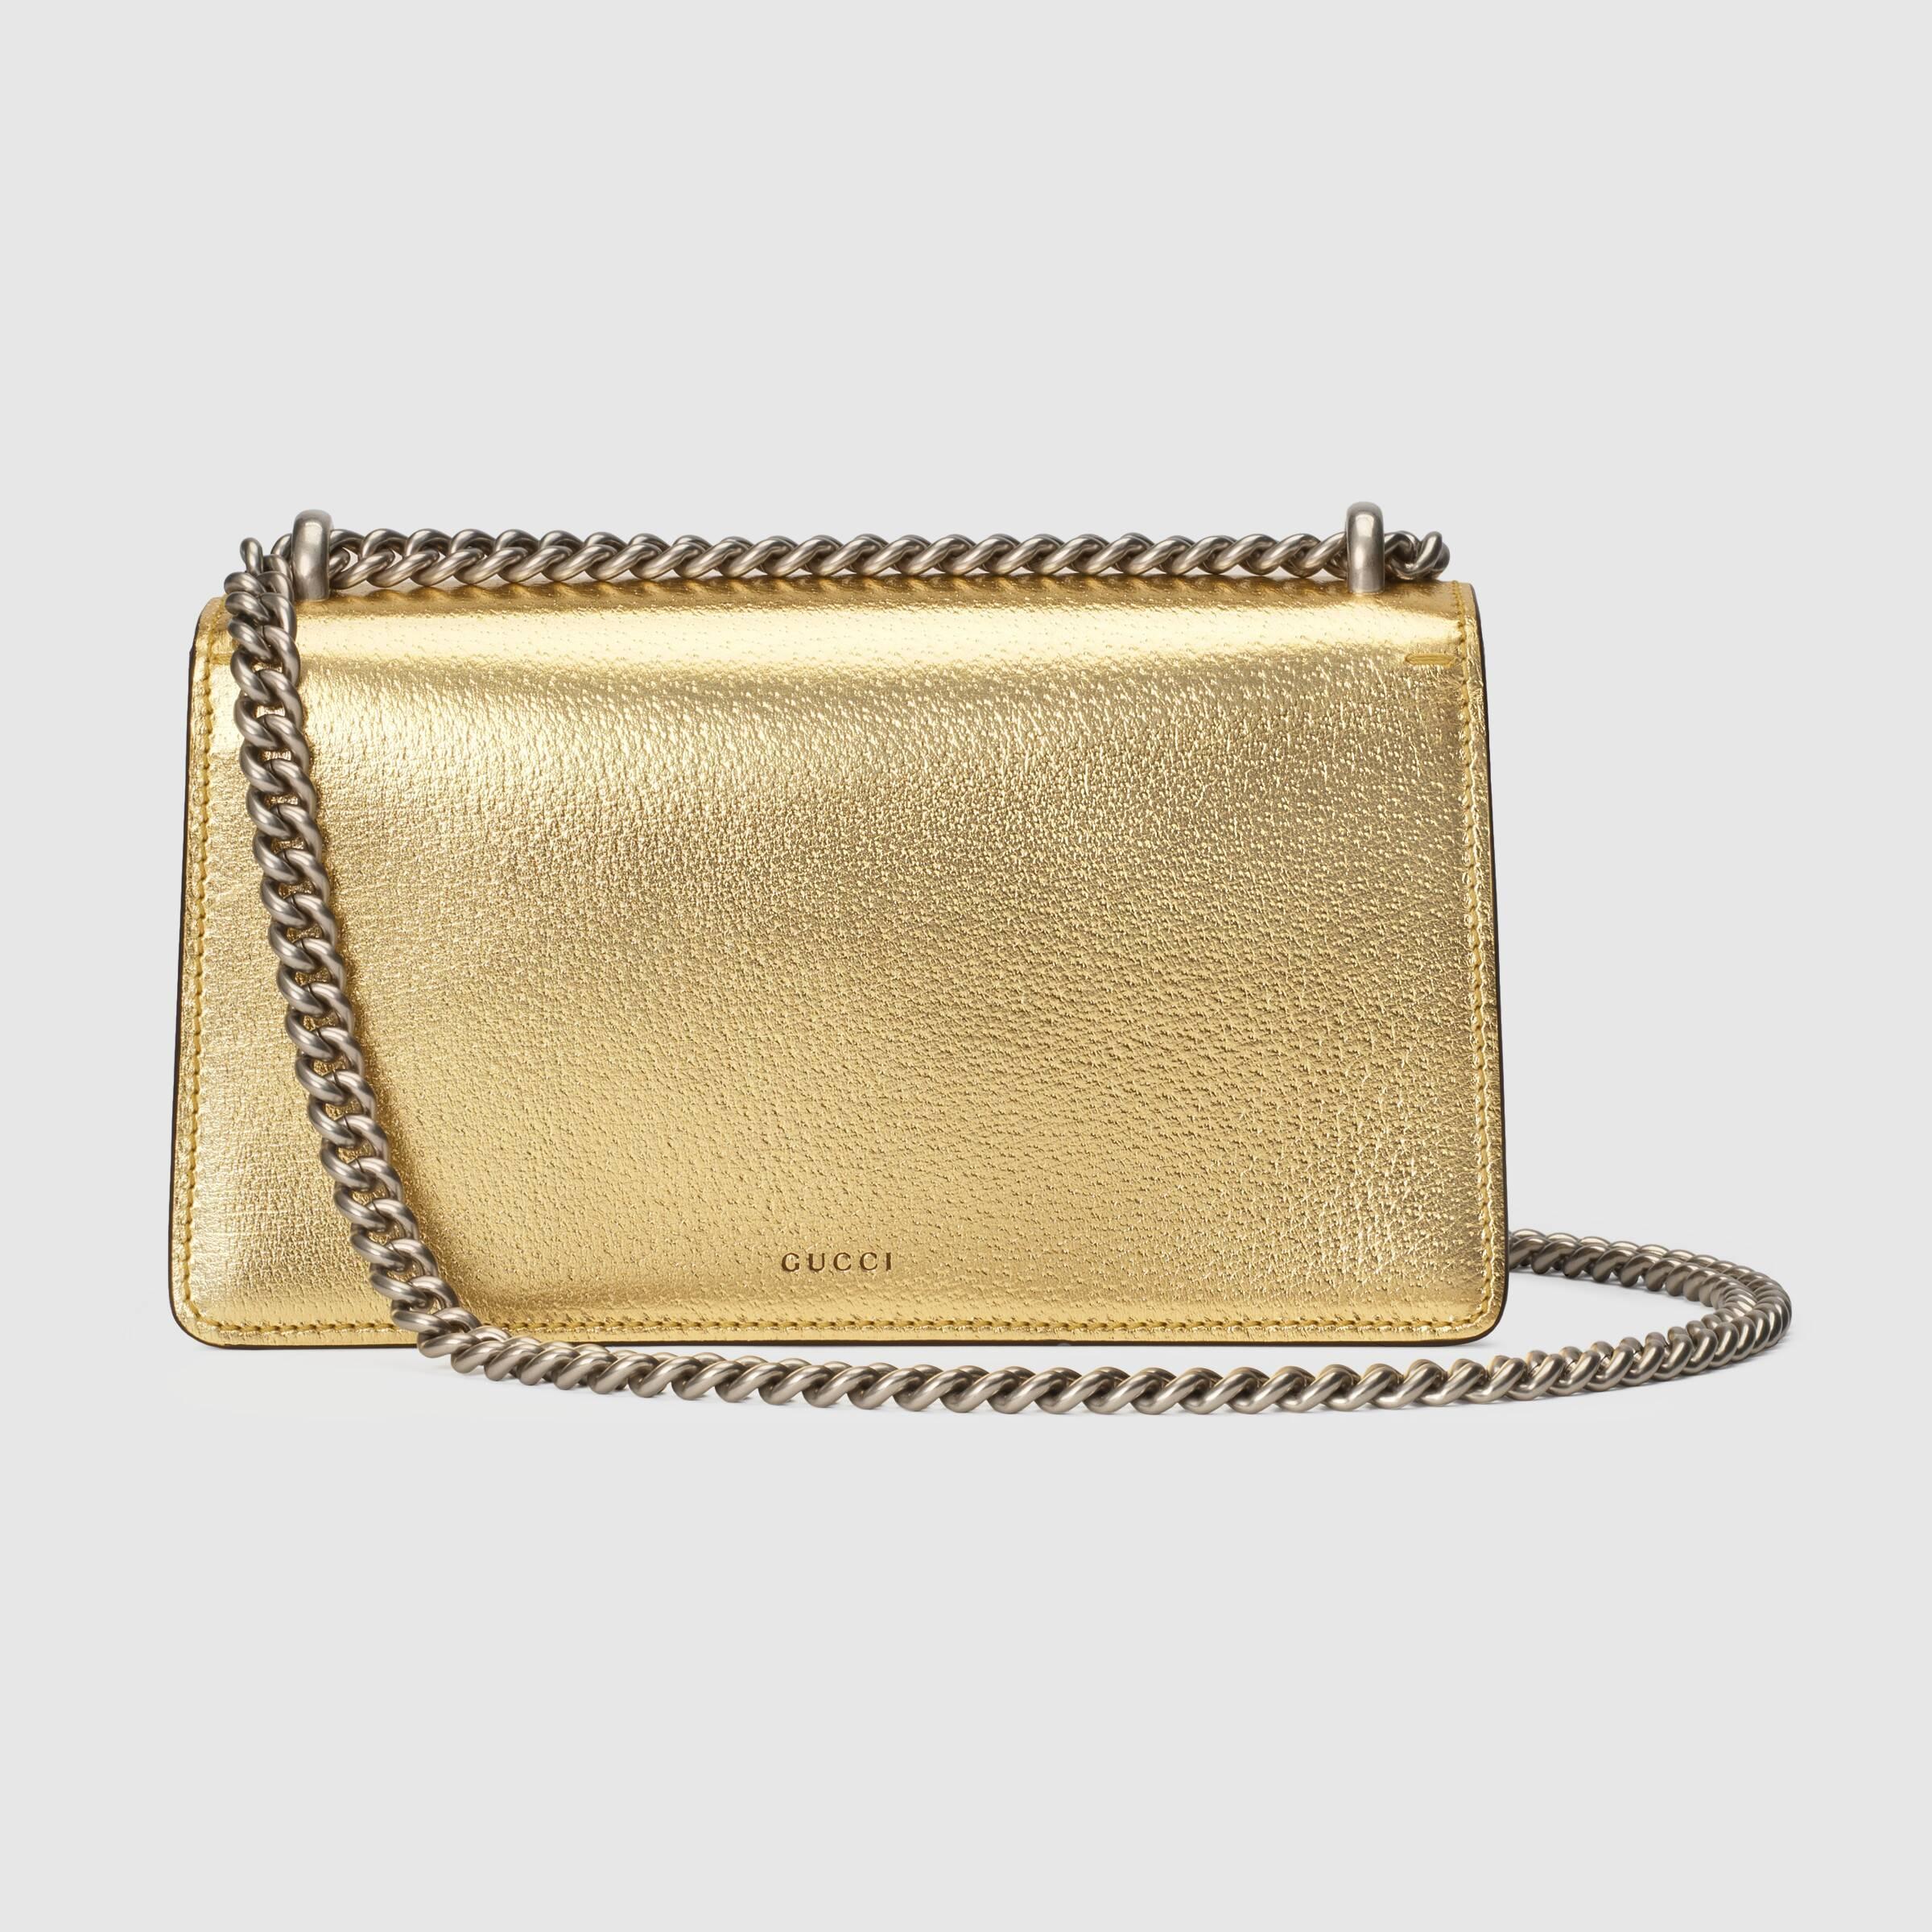 유럽직배송 구찌 GUCCI Gucci Dionysus small shoulder bag 4996231TRBN8089